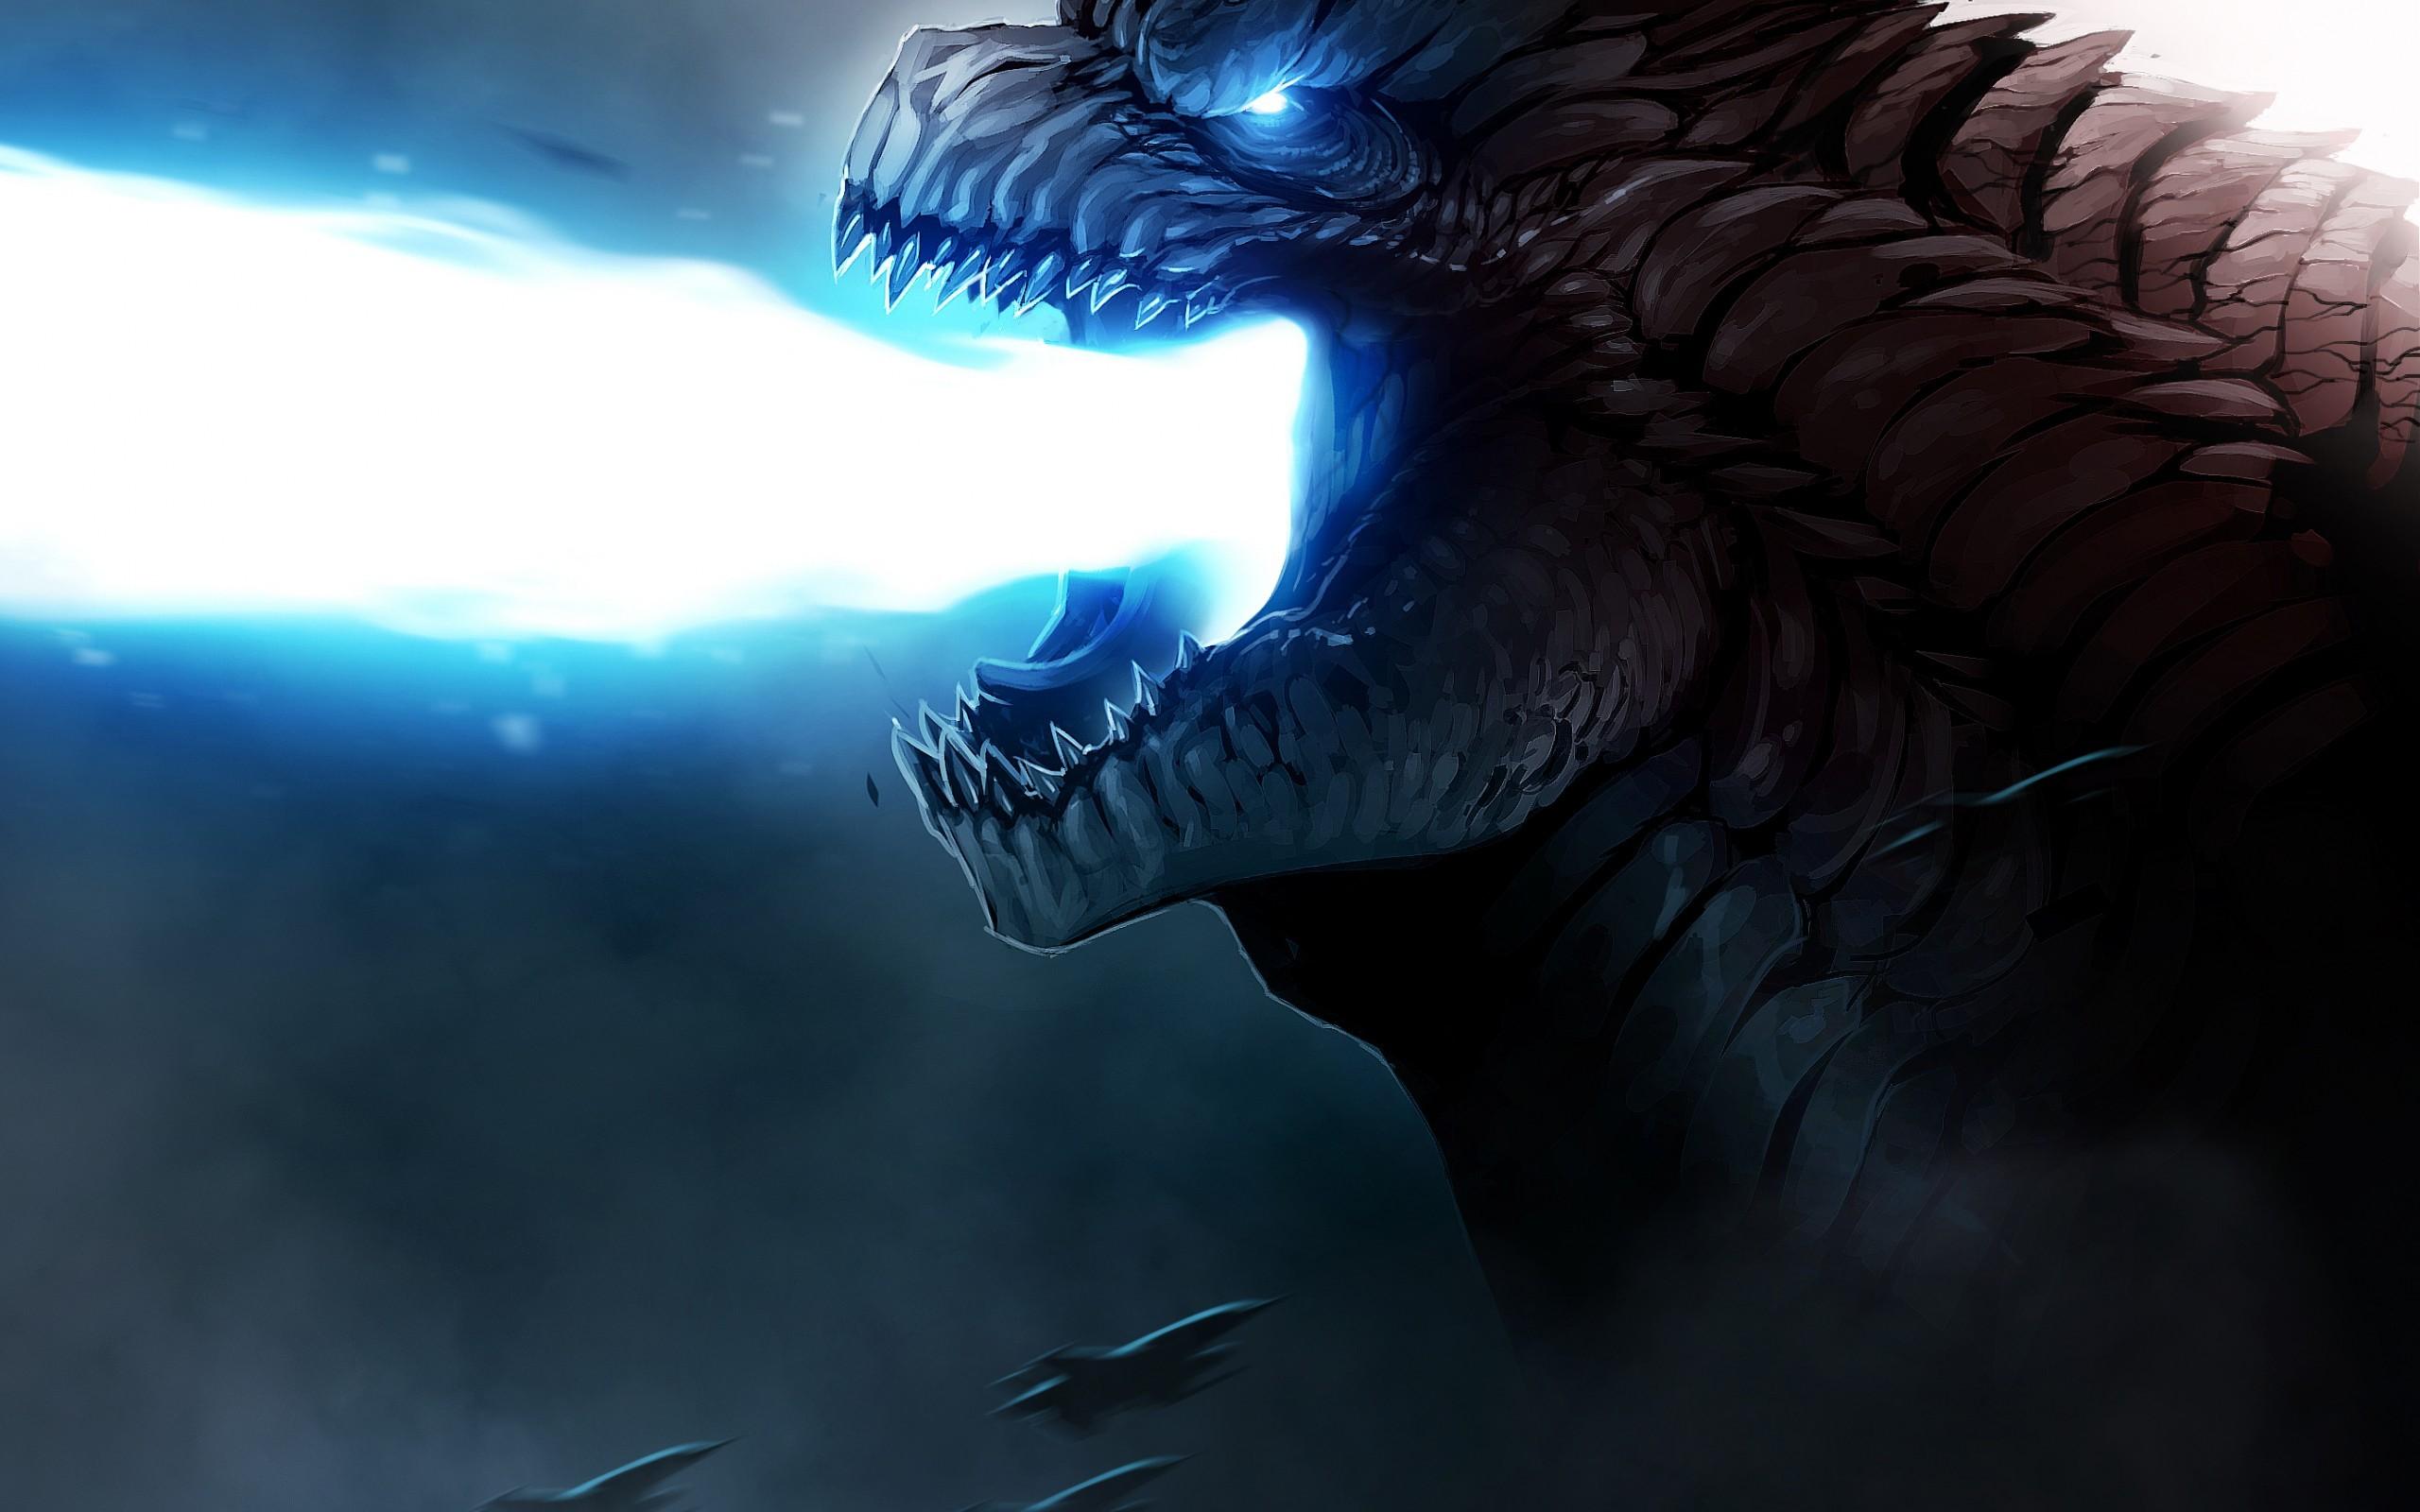 wallpaper : dragon, kaiju, godzilla, darkness, wing, screenshot